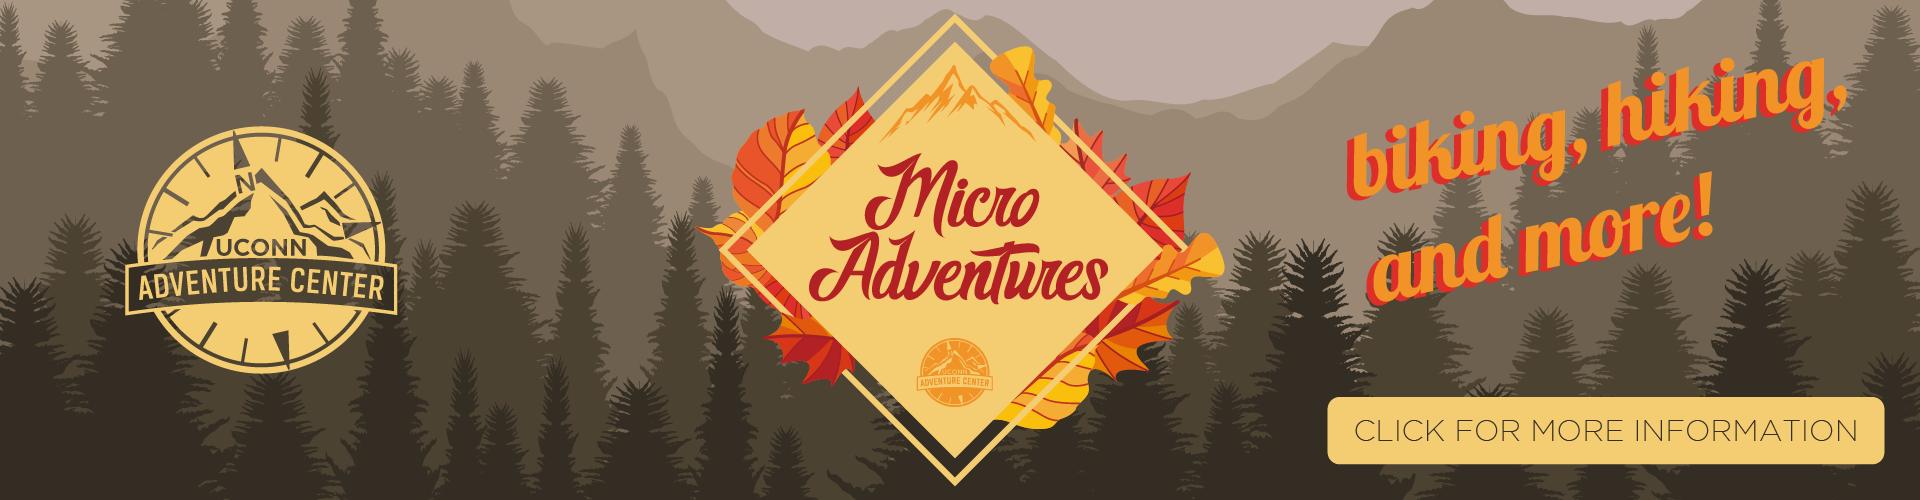 UO Micro Adventures